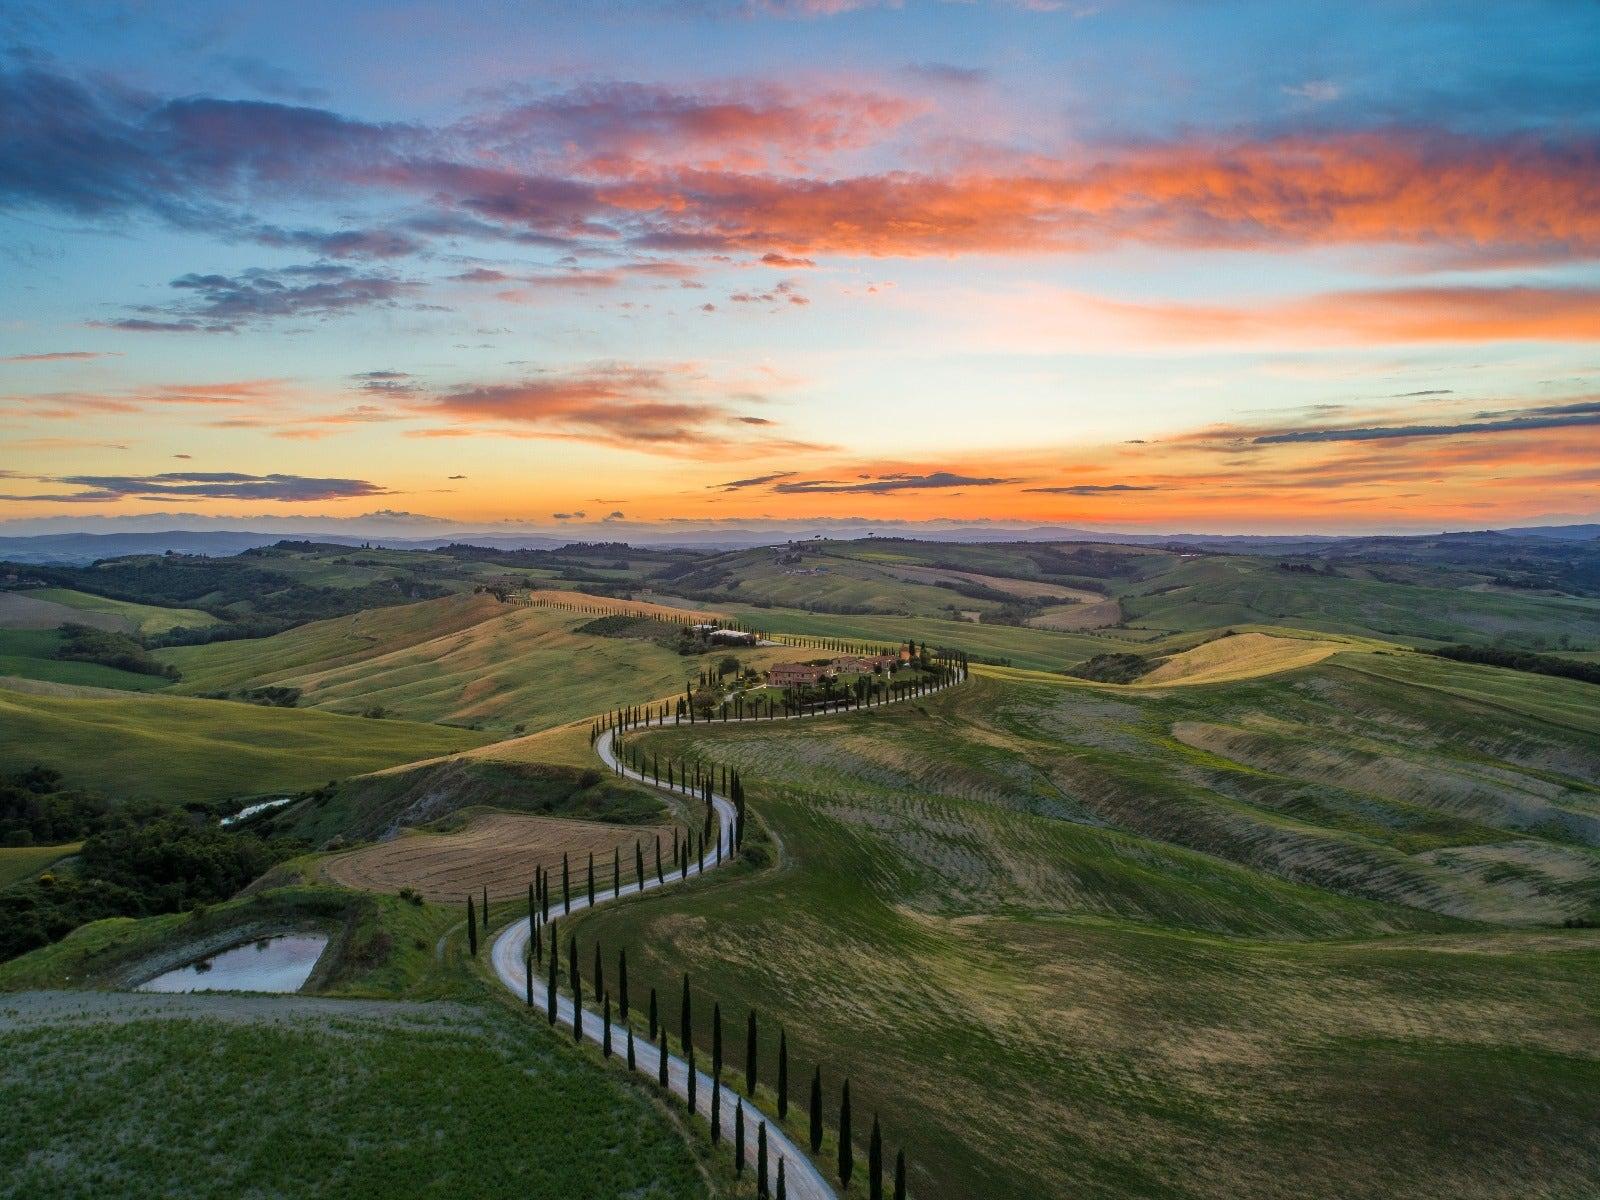 Landscape golden hour